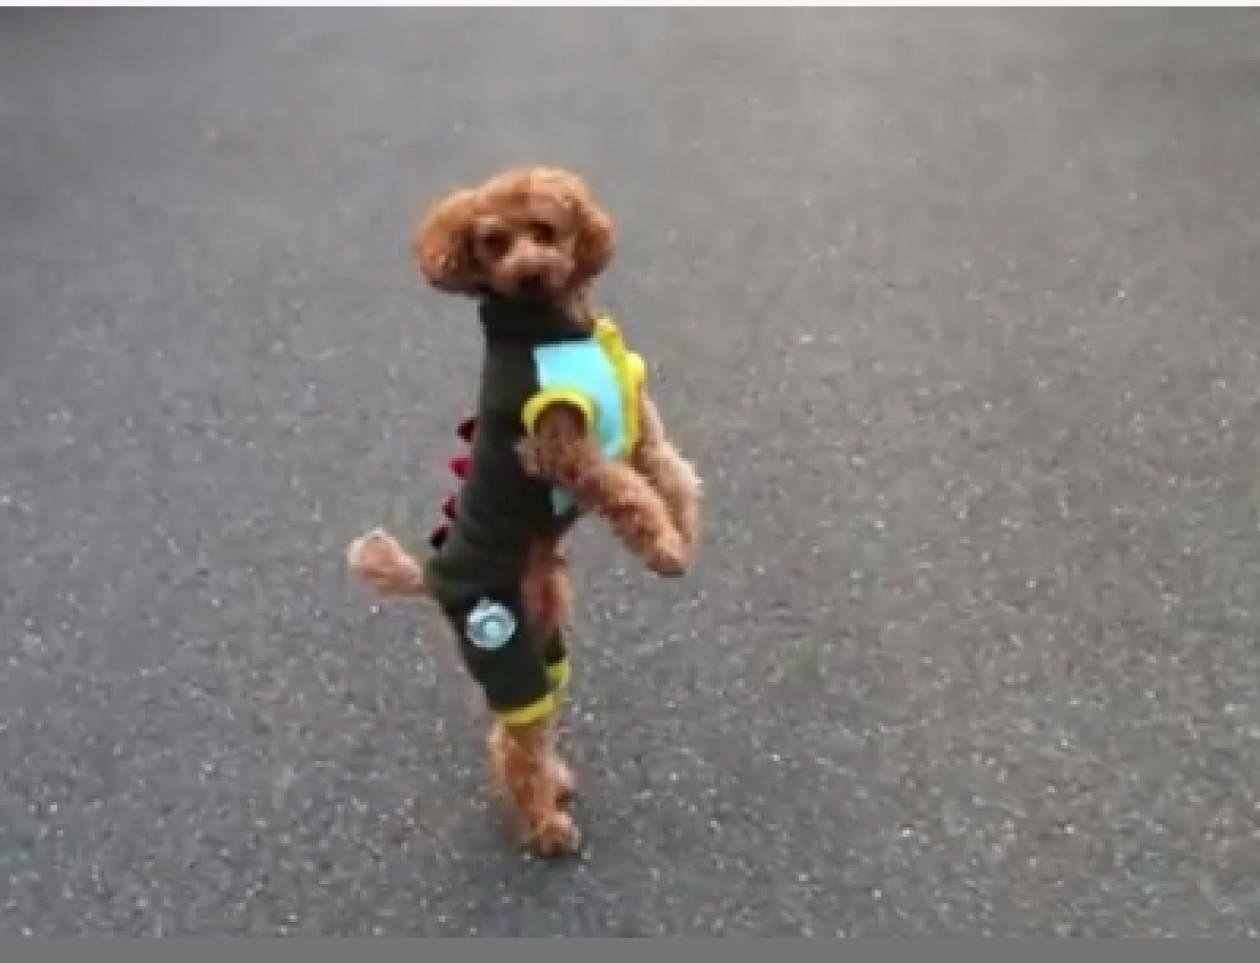 Δείτε σε τι διαφέρει από τα άλλα σκυλάκια αυτό το γλυκύτατο πούντλ!